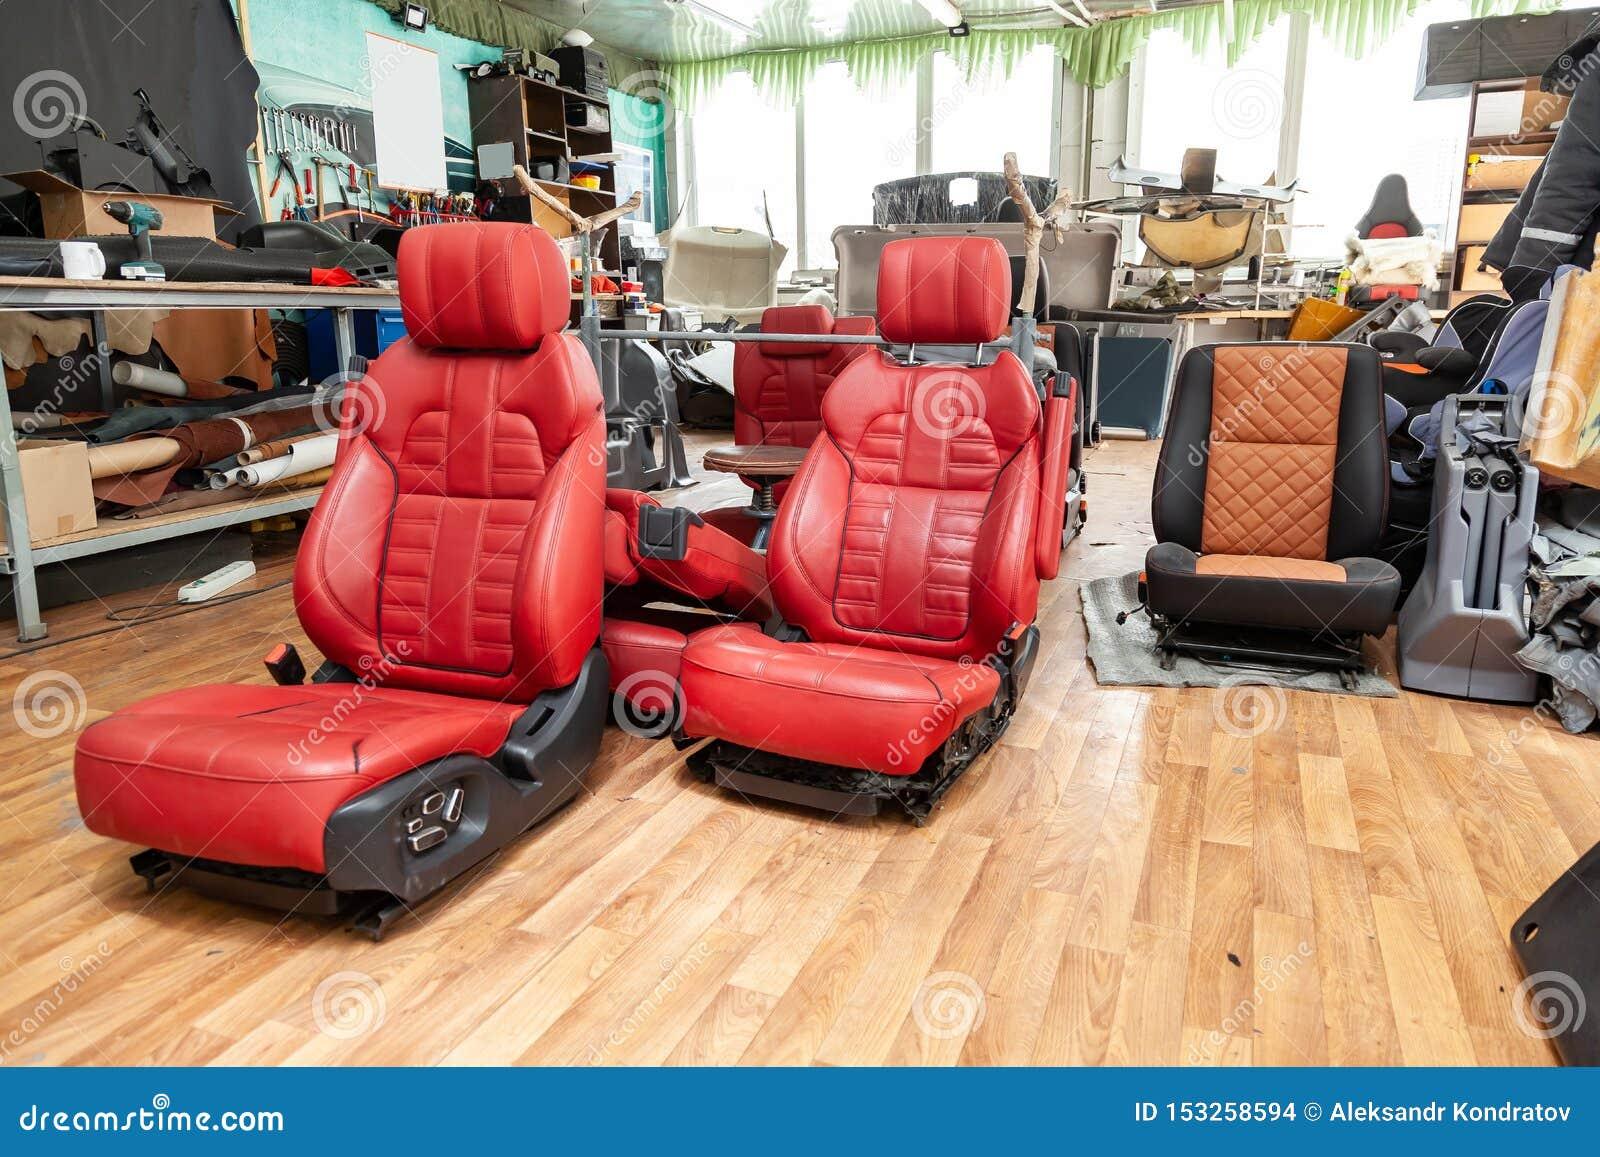 Τέσσερα αθλητικά καθίσματα με το κόκκινο δέρμα τακτοποιούν, τοποθετημένος στο πάτωμα στο εργαστήριο για την επισκευή και το συντο